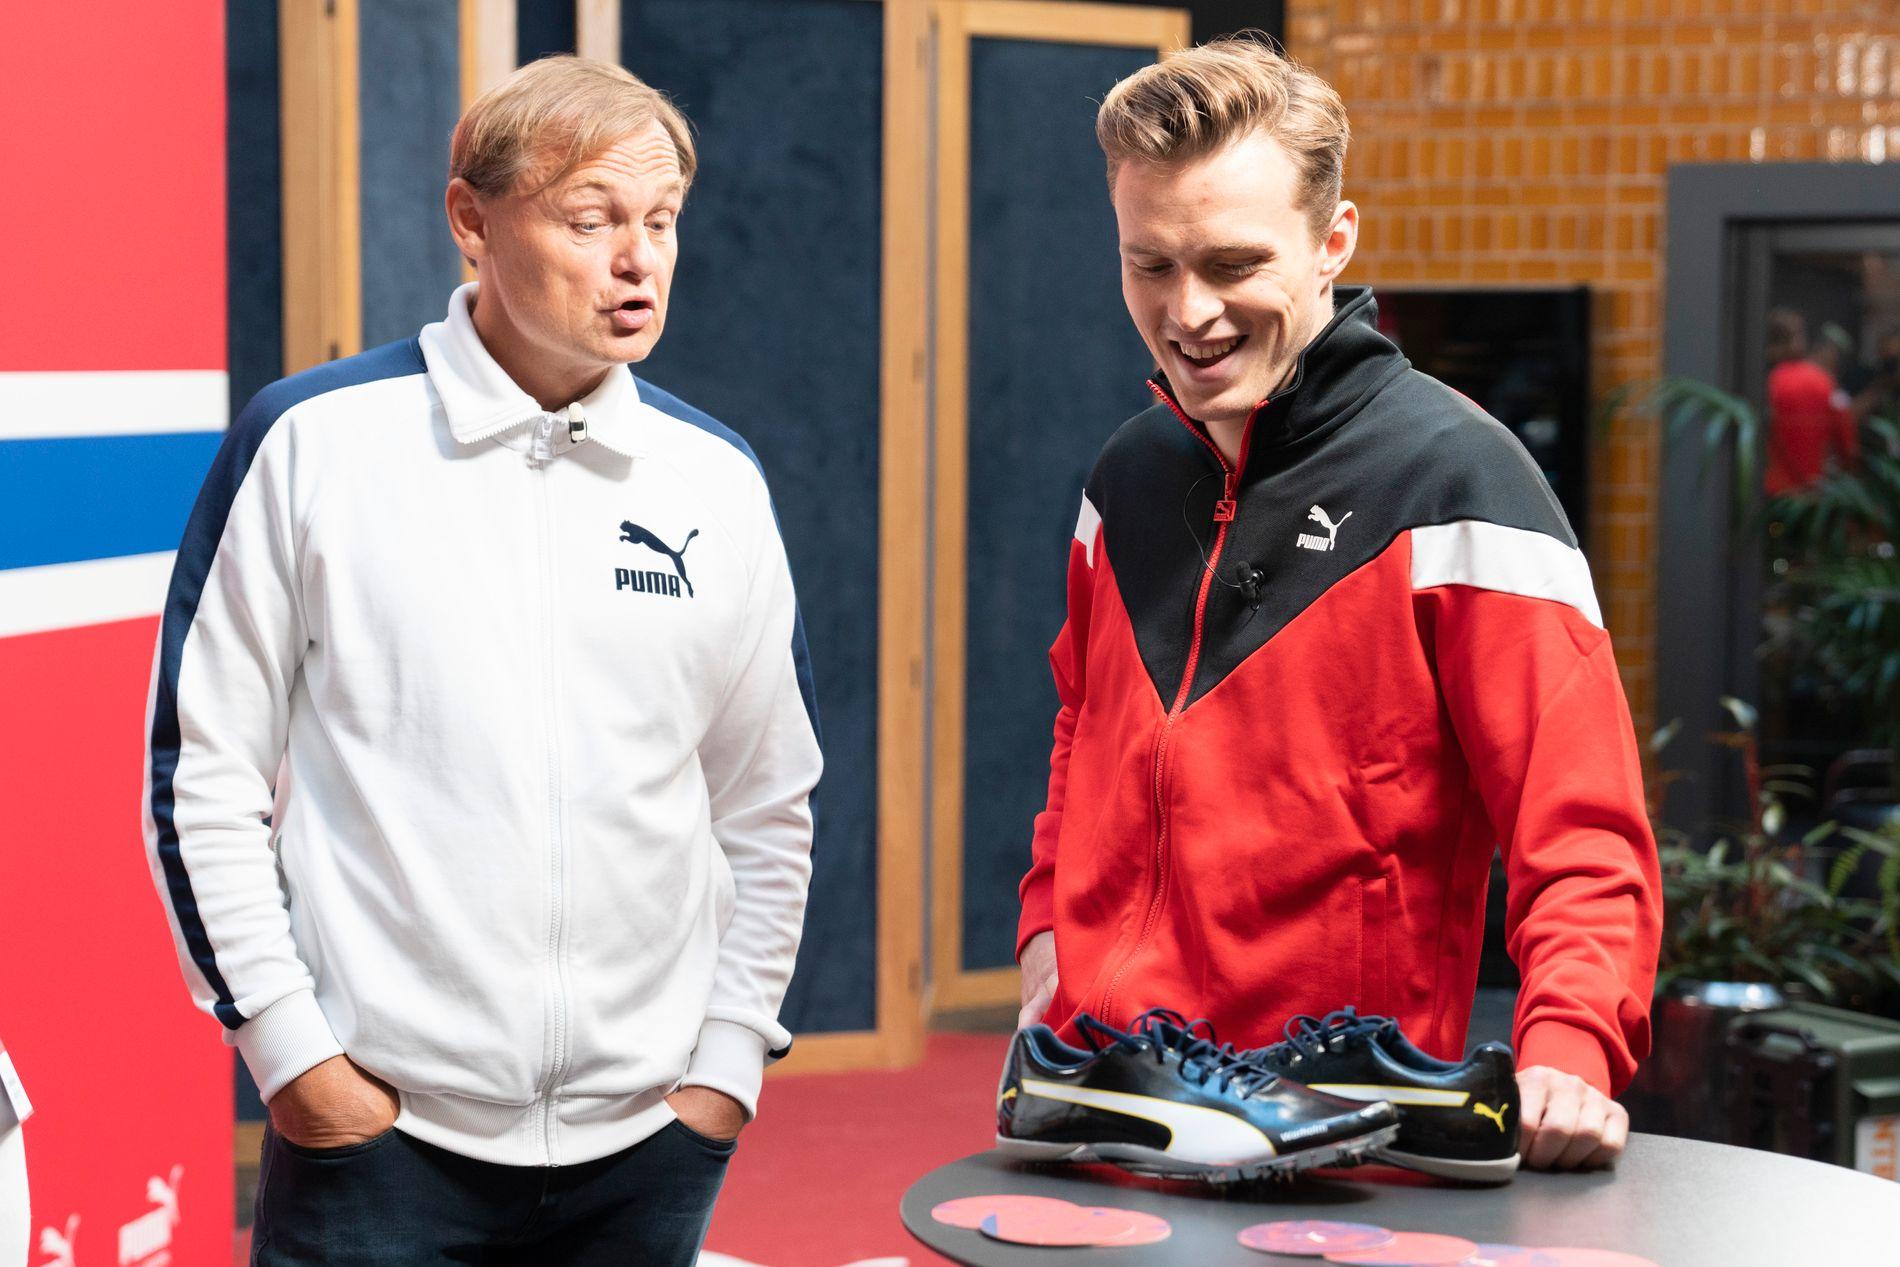 Puma-sjefen Bjørn Gulden og Karsten Warholm i samtale under pressemøtet.